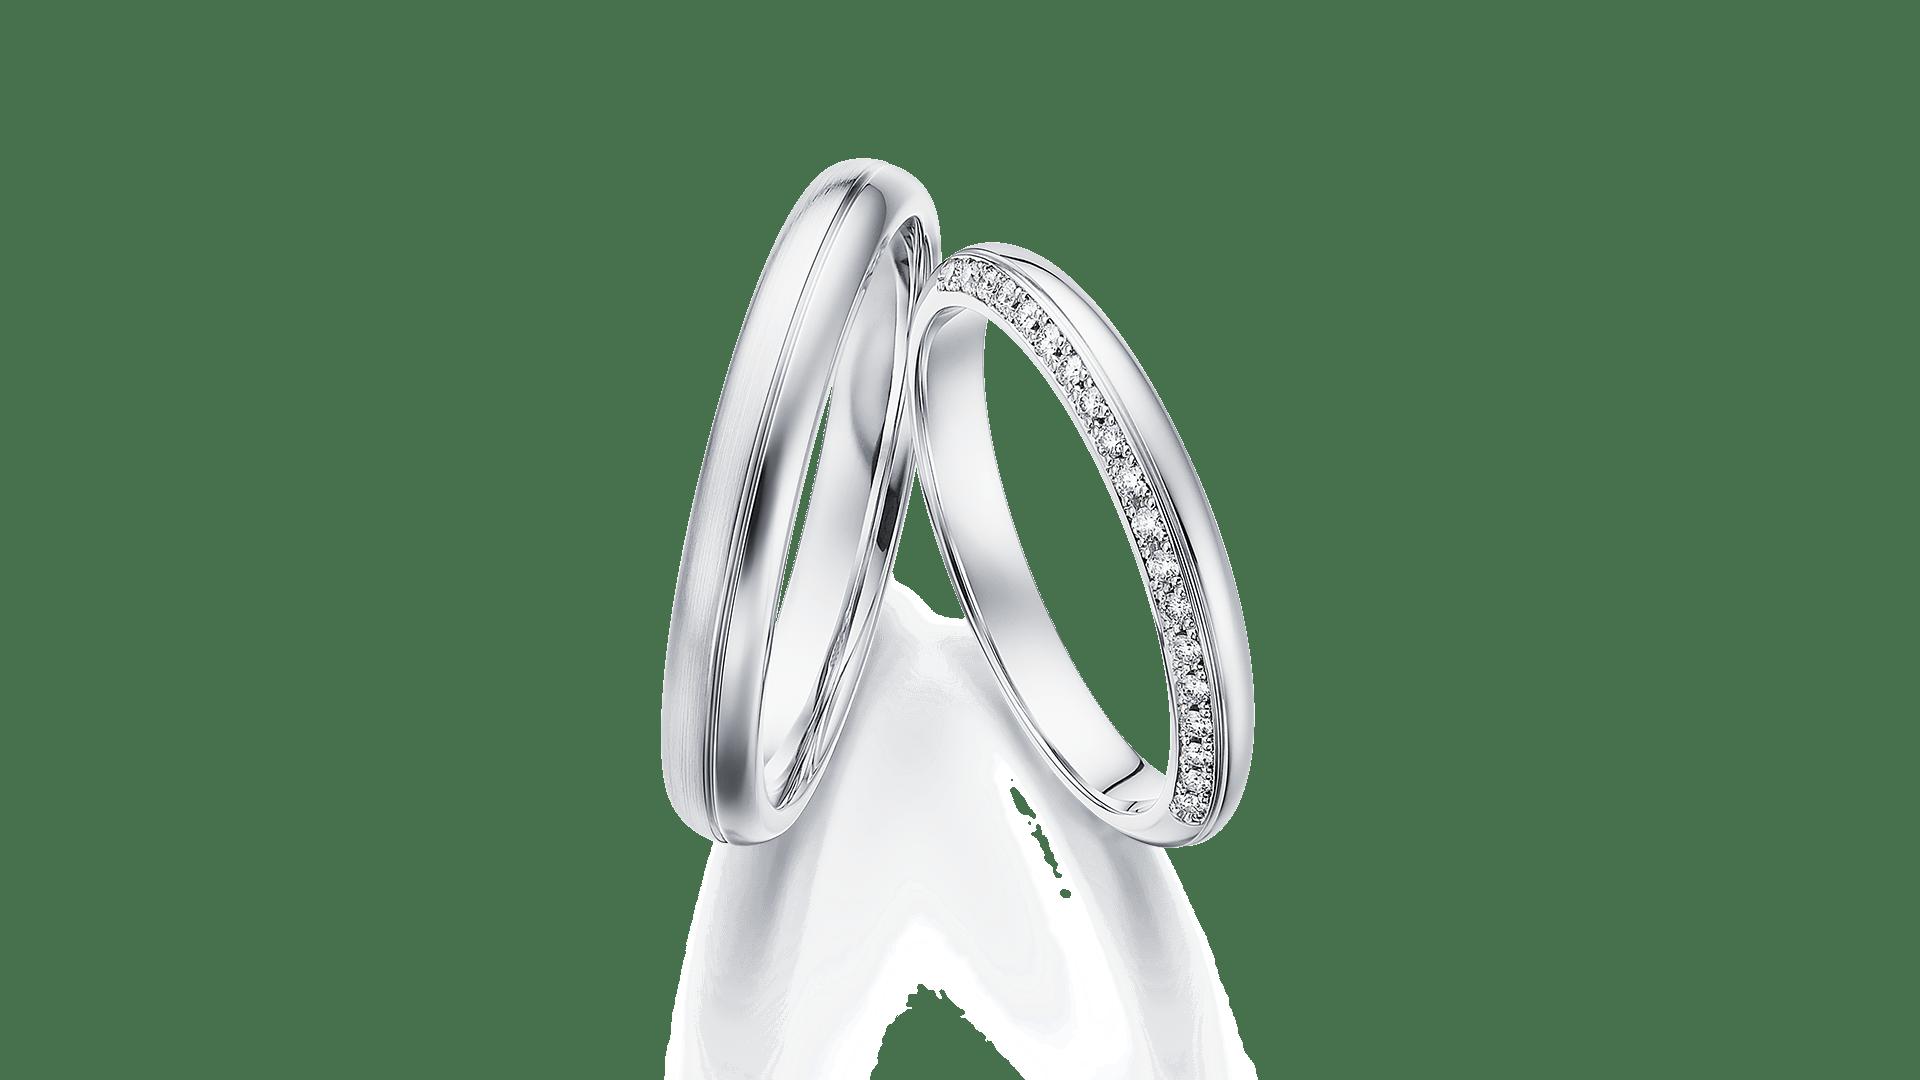 anael アナエル | 結婚指輪サムネイル 2